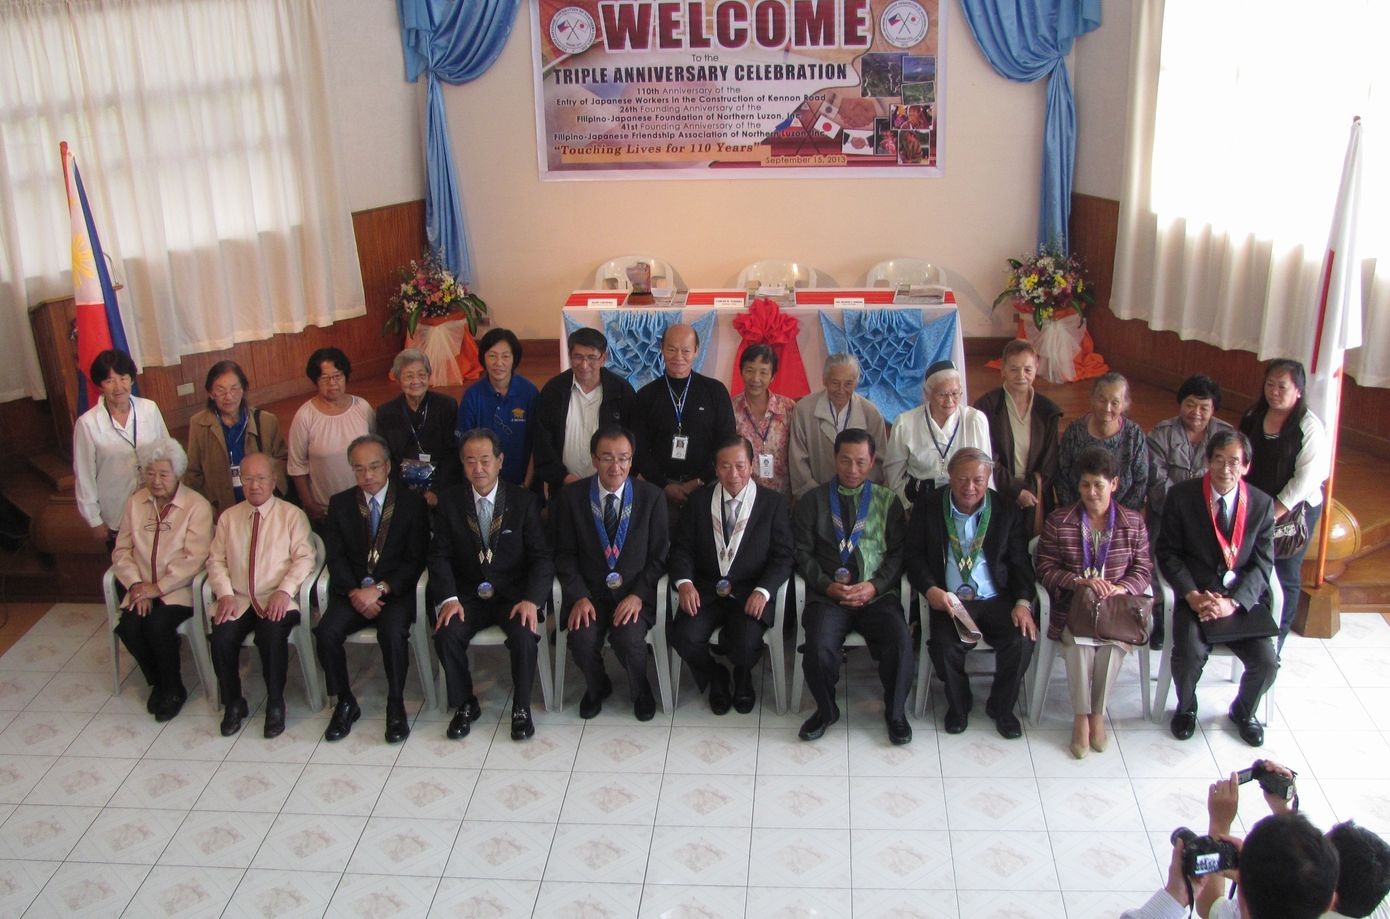 フィリピン・北ルソンの日系人 移民110周年を祝う Triple Anniversary, in Baguio_a0109542_16243914.jpg